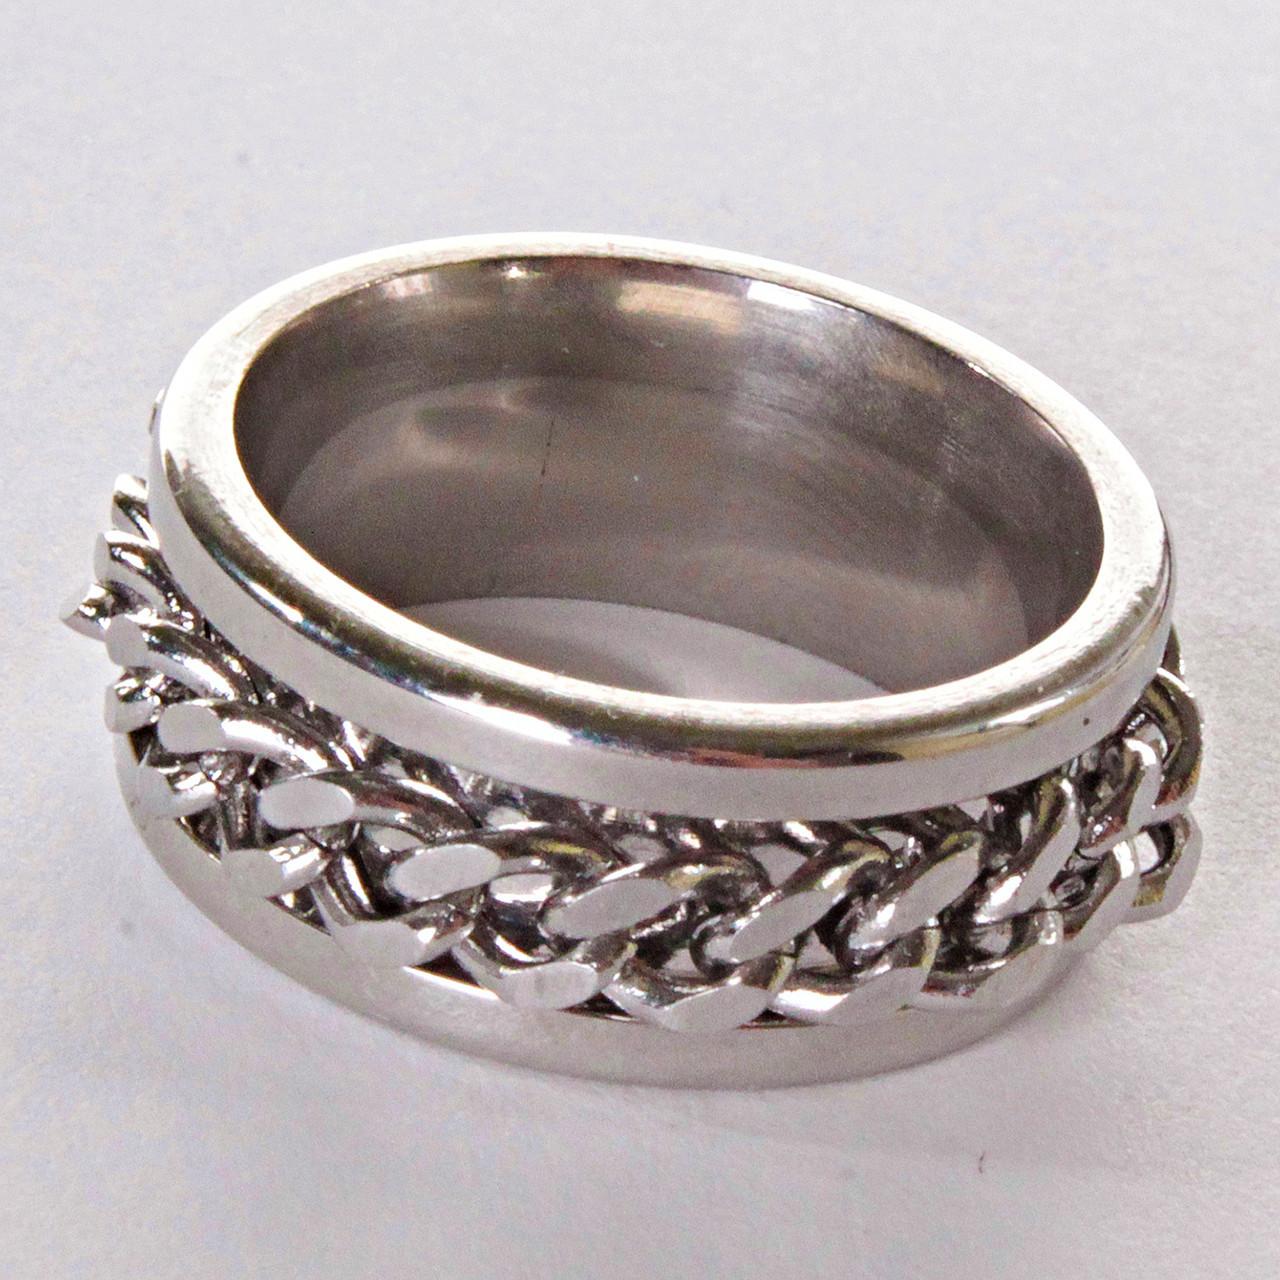 [17,18,19,20] Мужское кольцо обручальное  цепь - ☆SOUVENIRS☆ - интернет магазин бижутерии, фурнитуры и украшений в Одессе